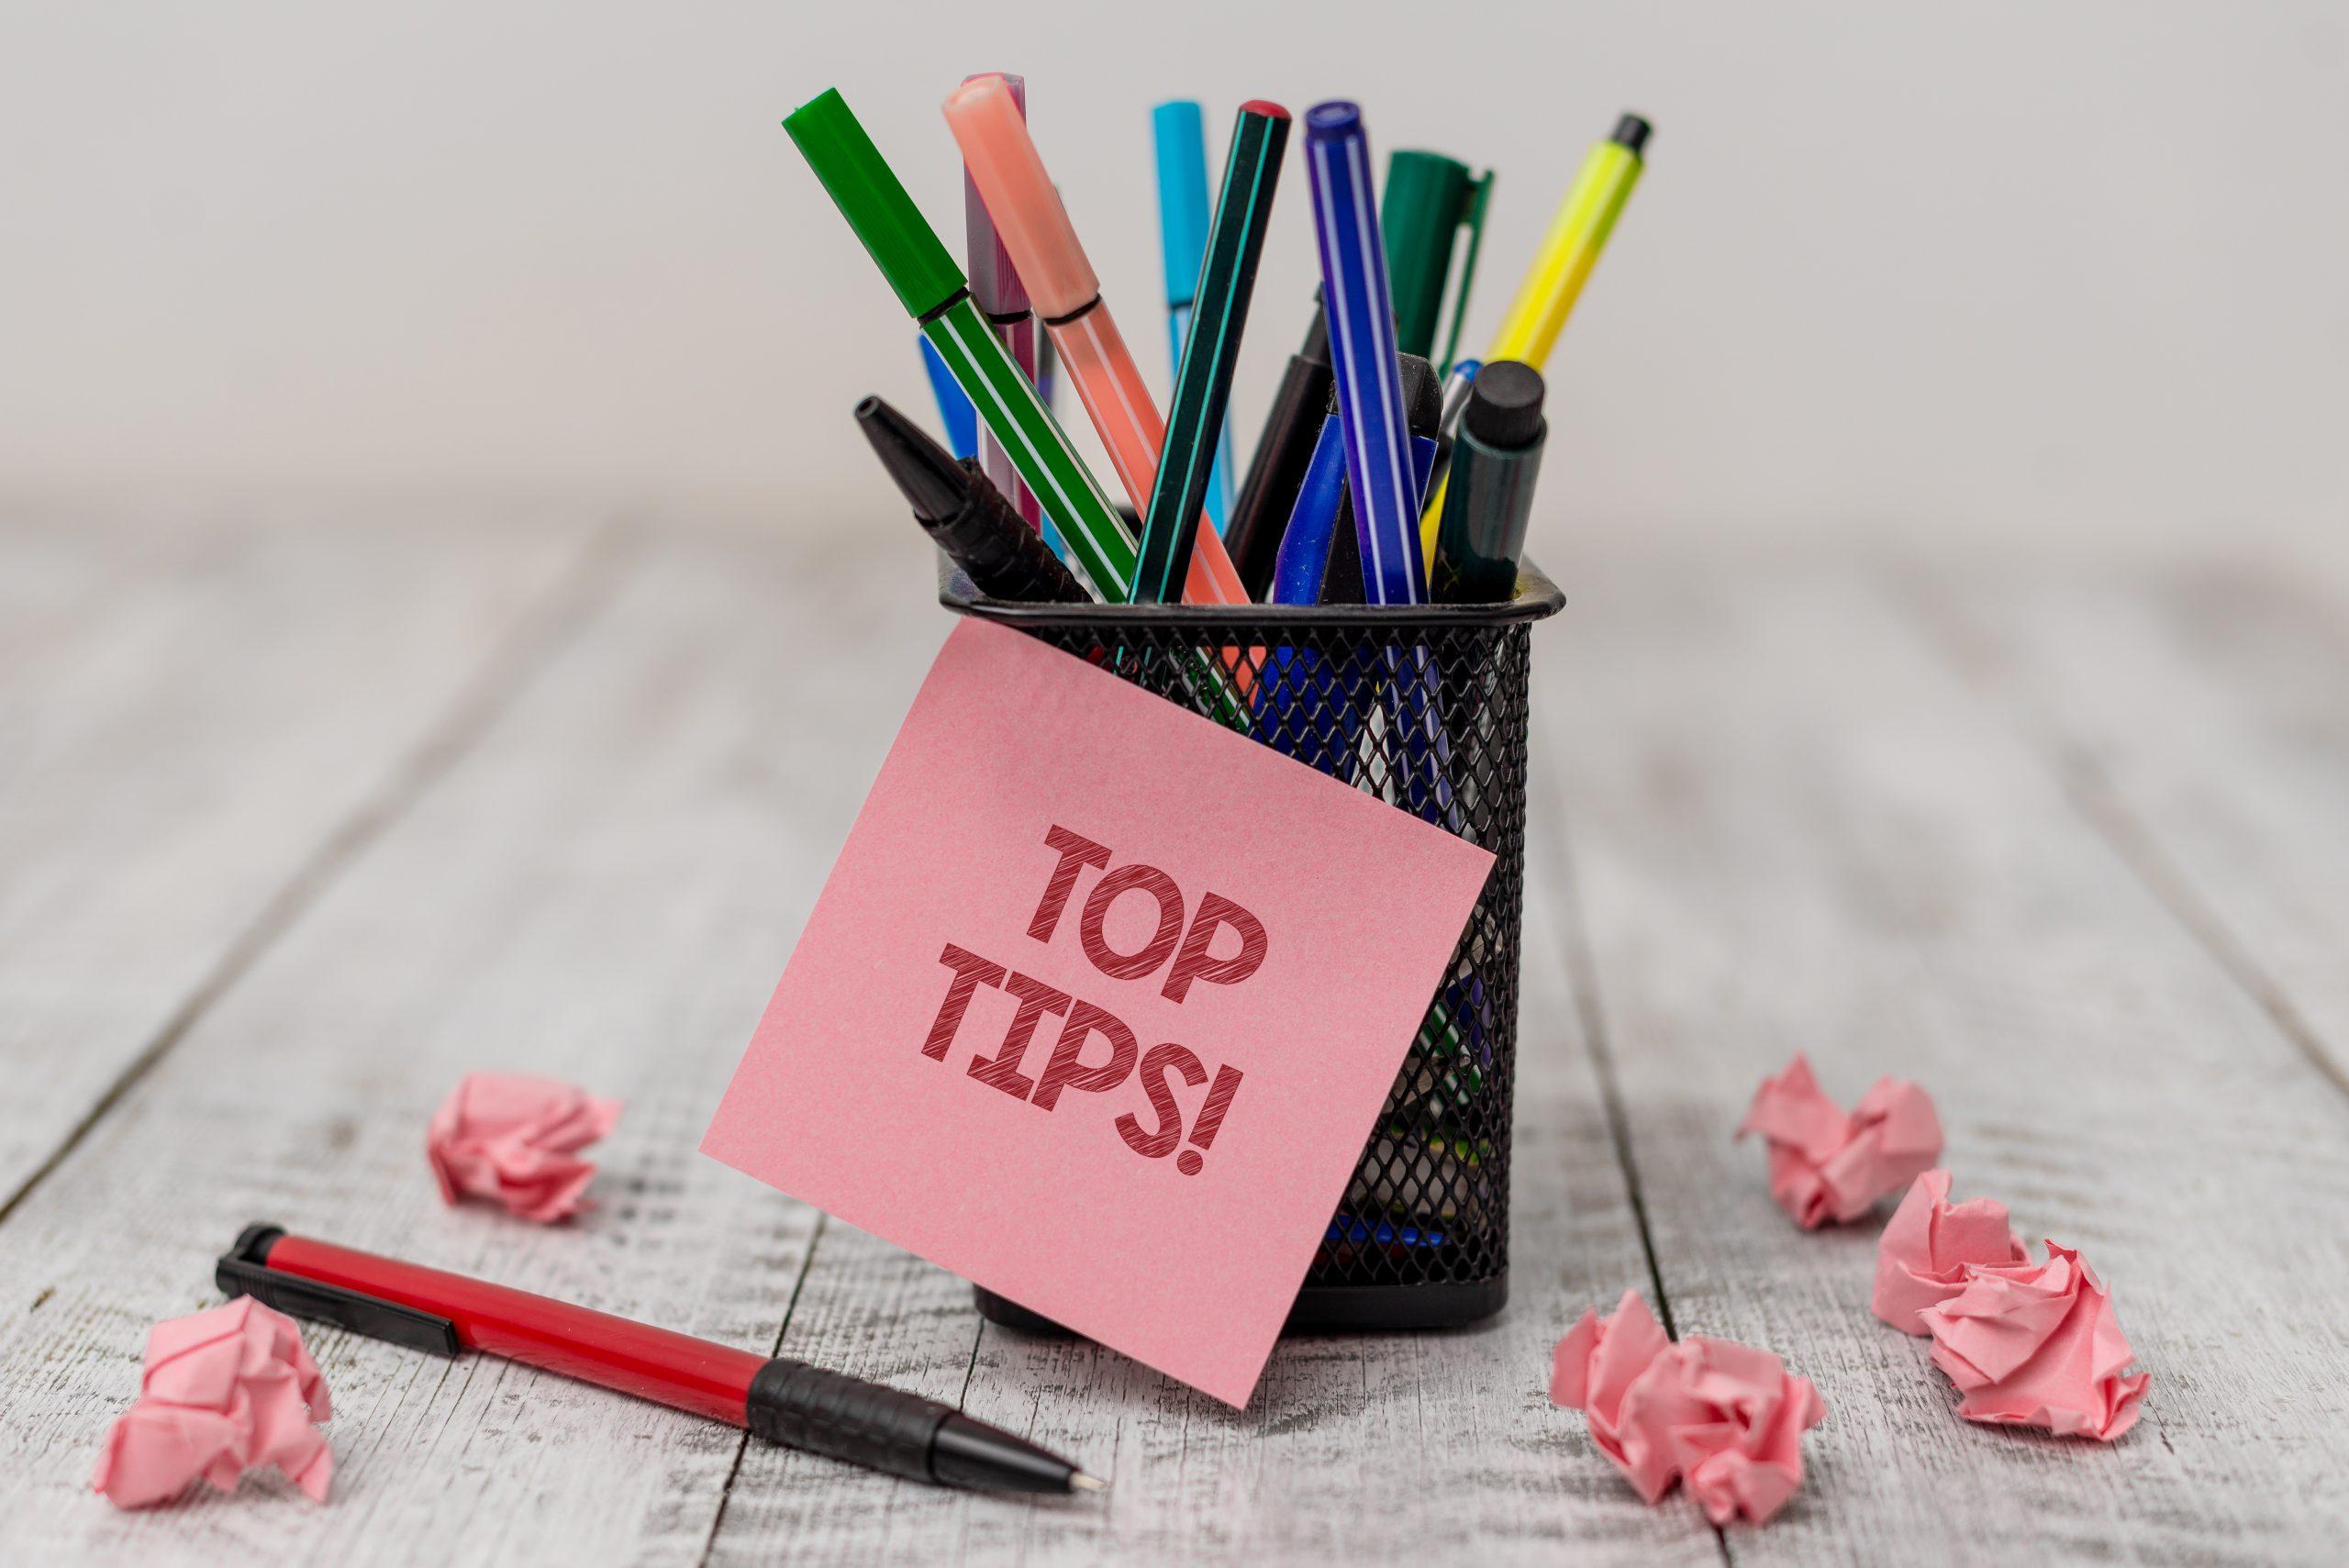 top sales tips